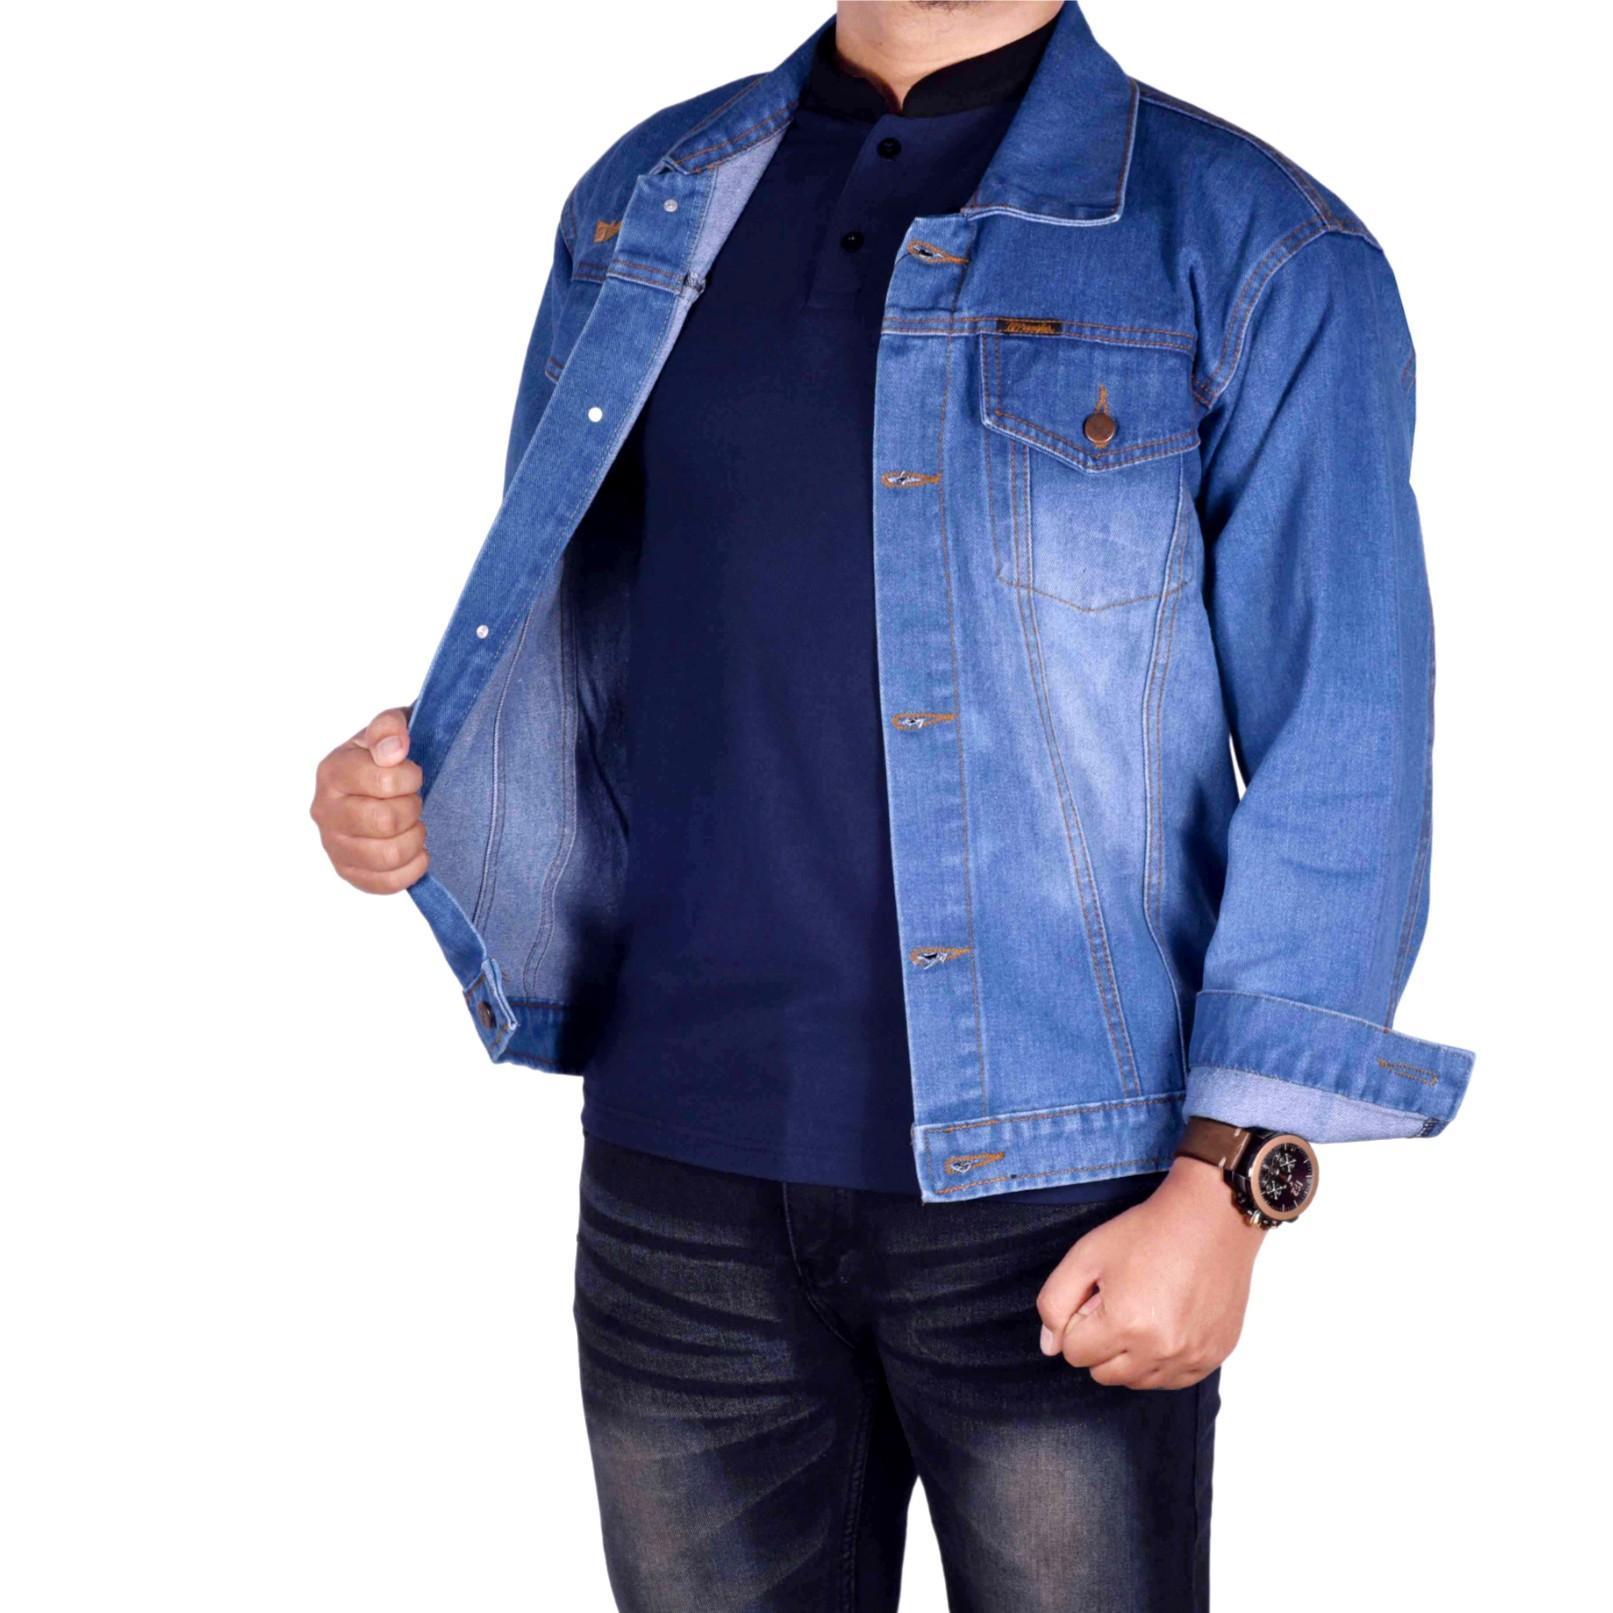 Dgm_Fashion1 Jaket Bomber Hitam Super dry/Jaket Parasut Bolak-Balik/ Jaket Pria Sport/Jaket Bomber/